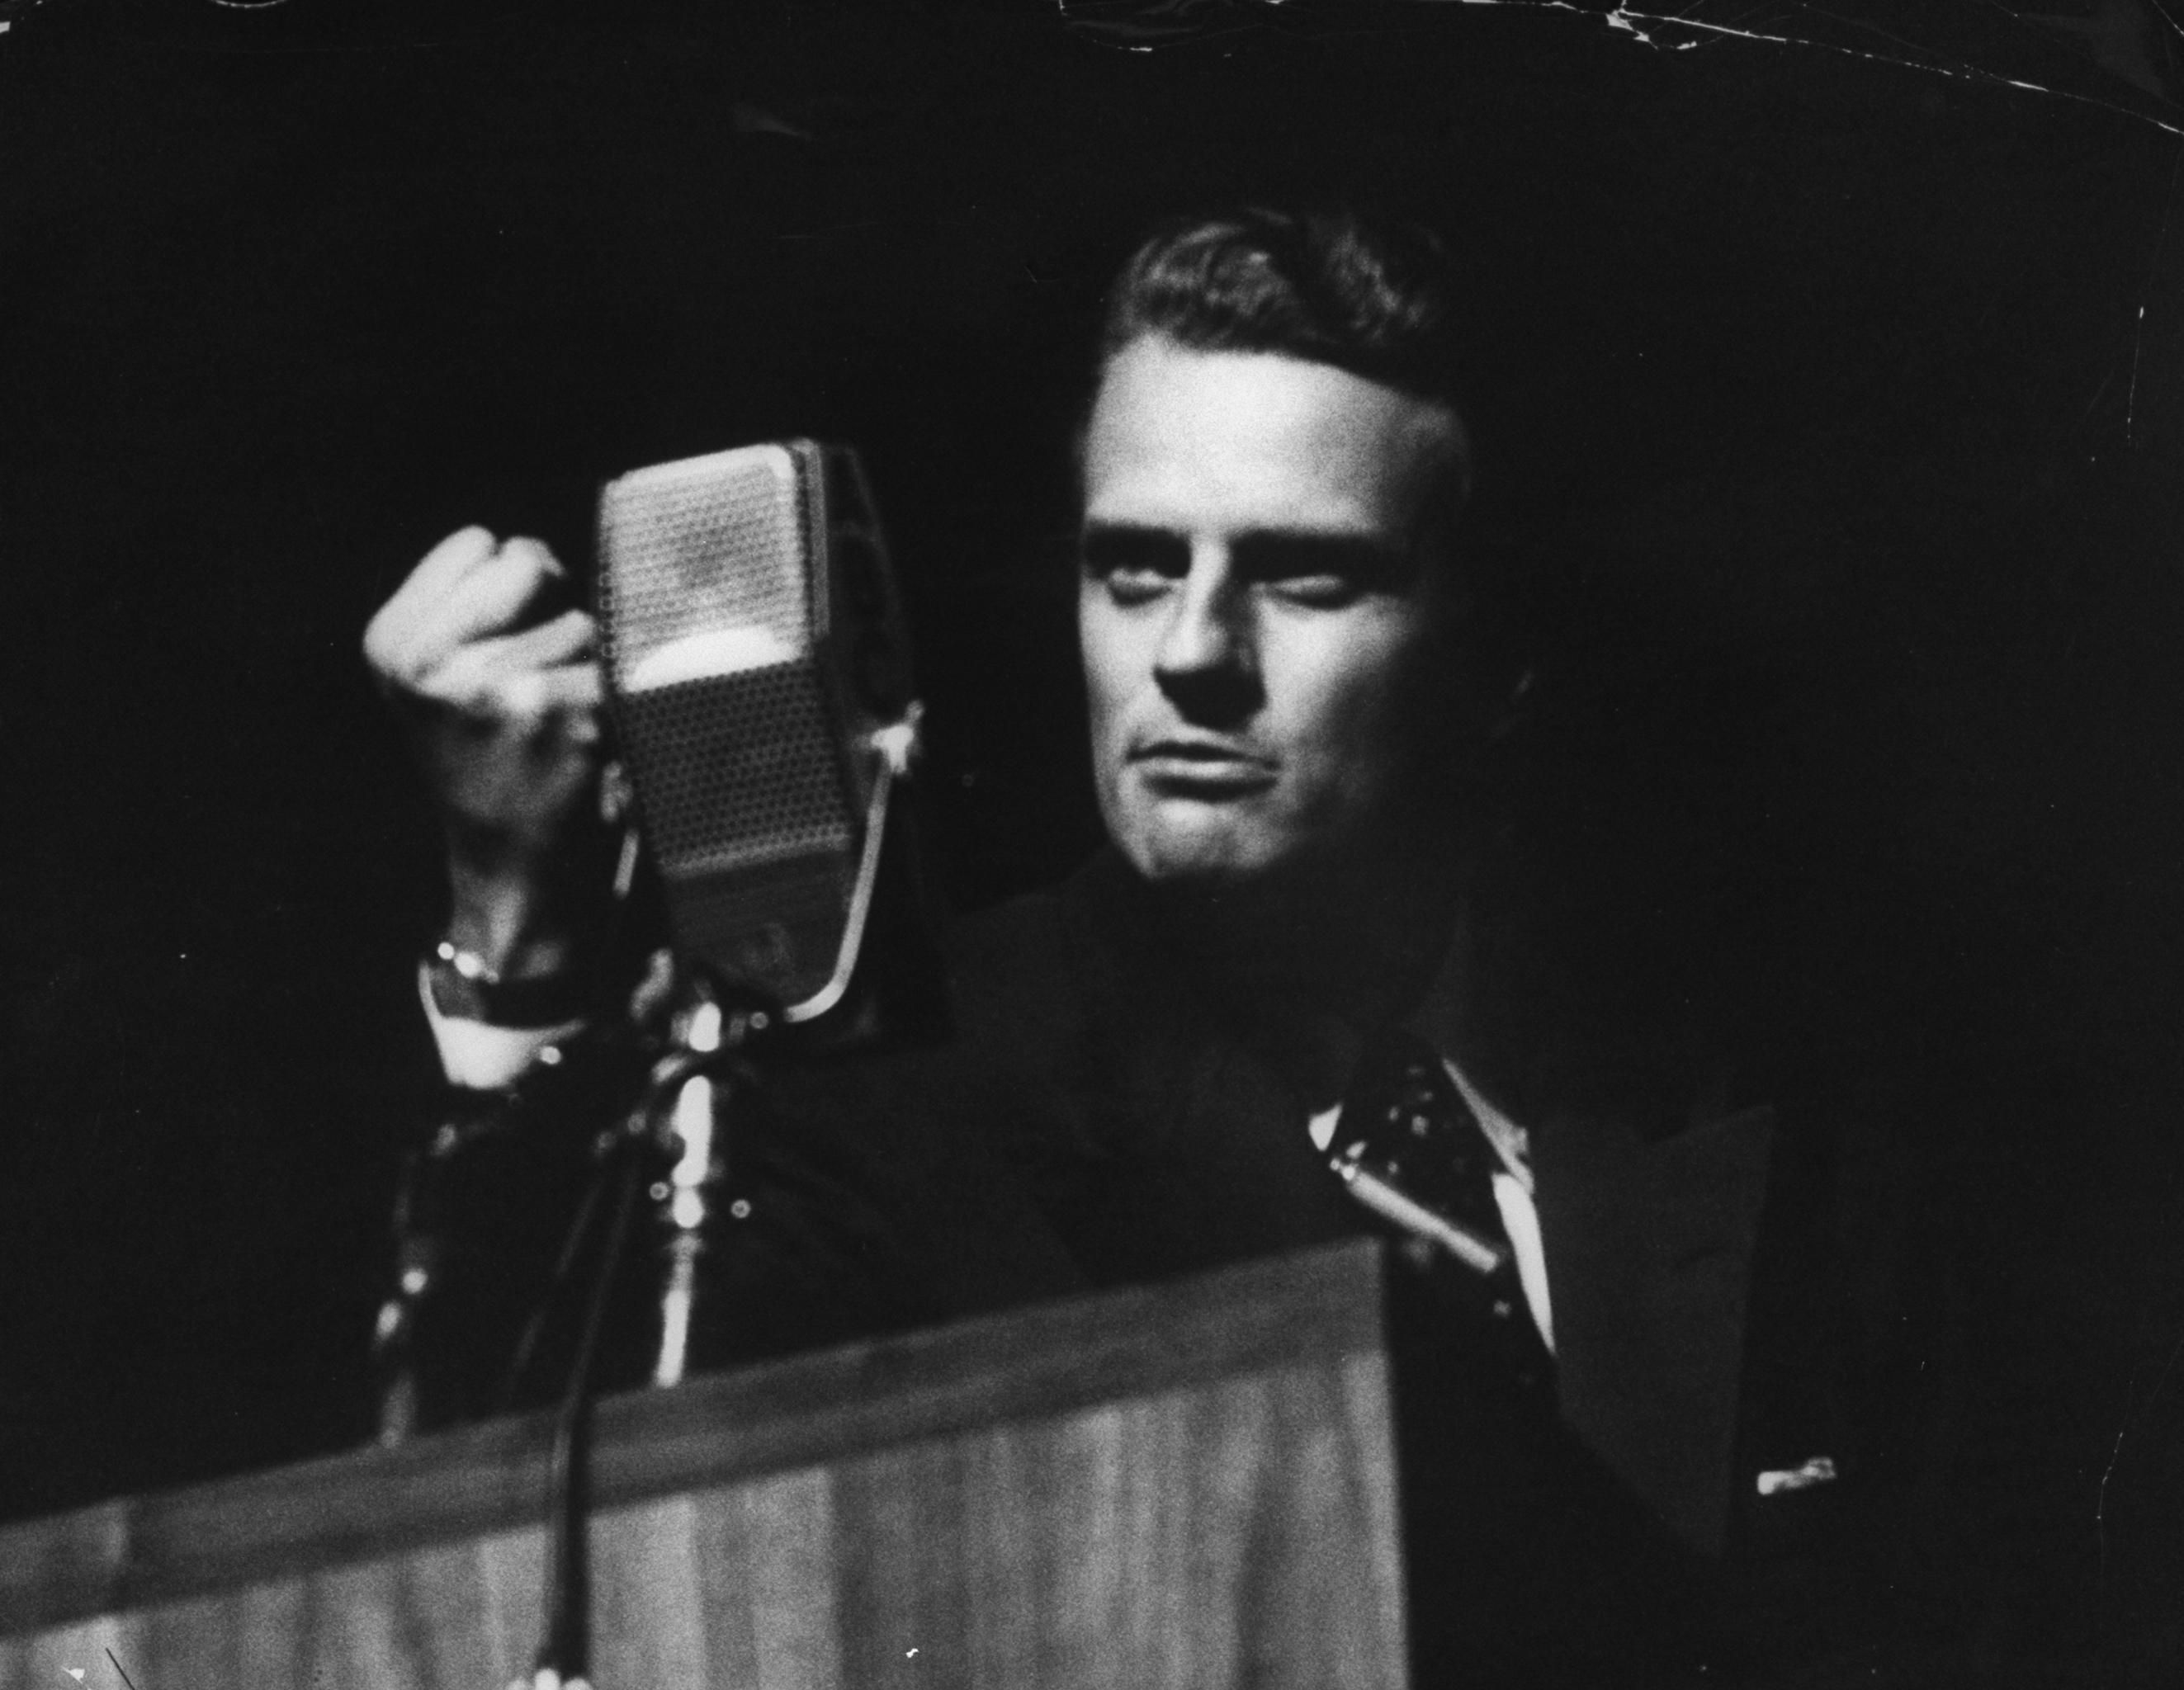 Evangelist Billy Graham in 1955